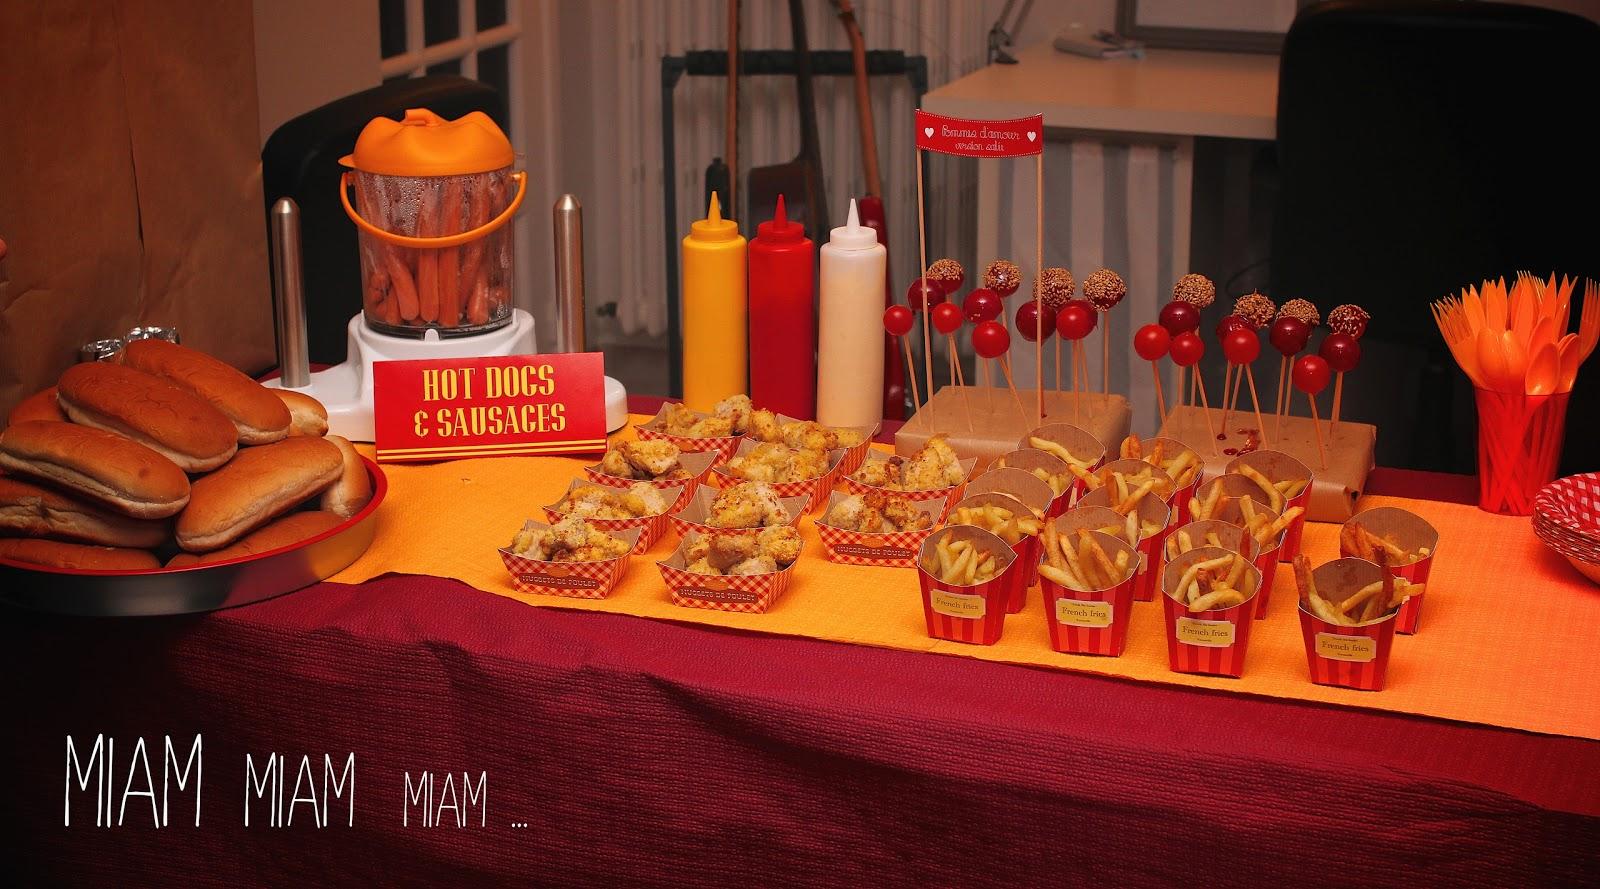 Un anniversaire f te foraine le buffet sal a way - Idee de repas pour anniversaire ...